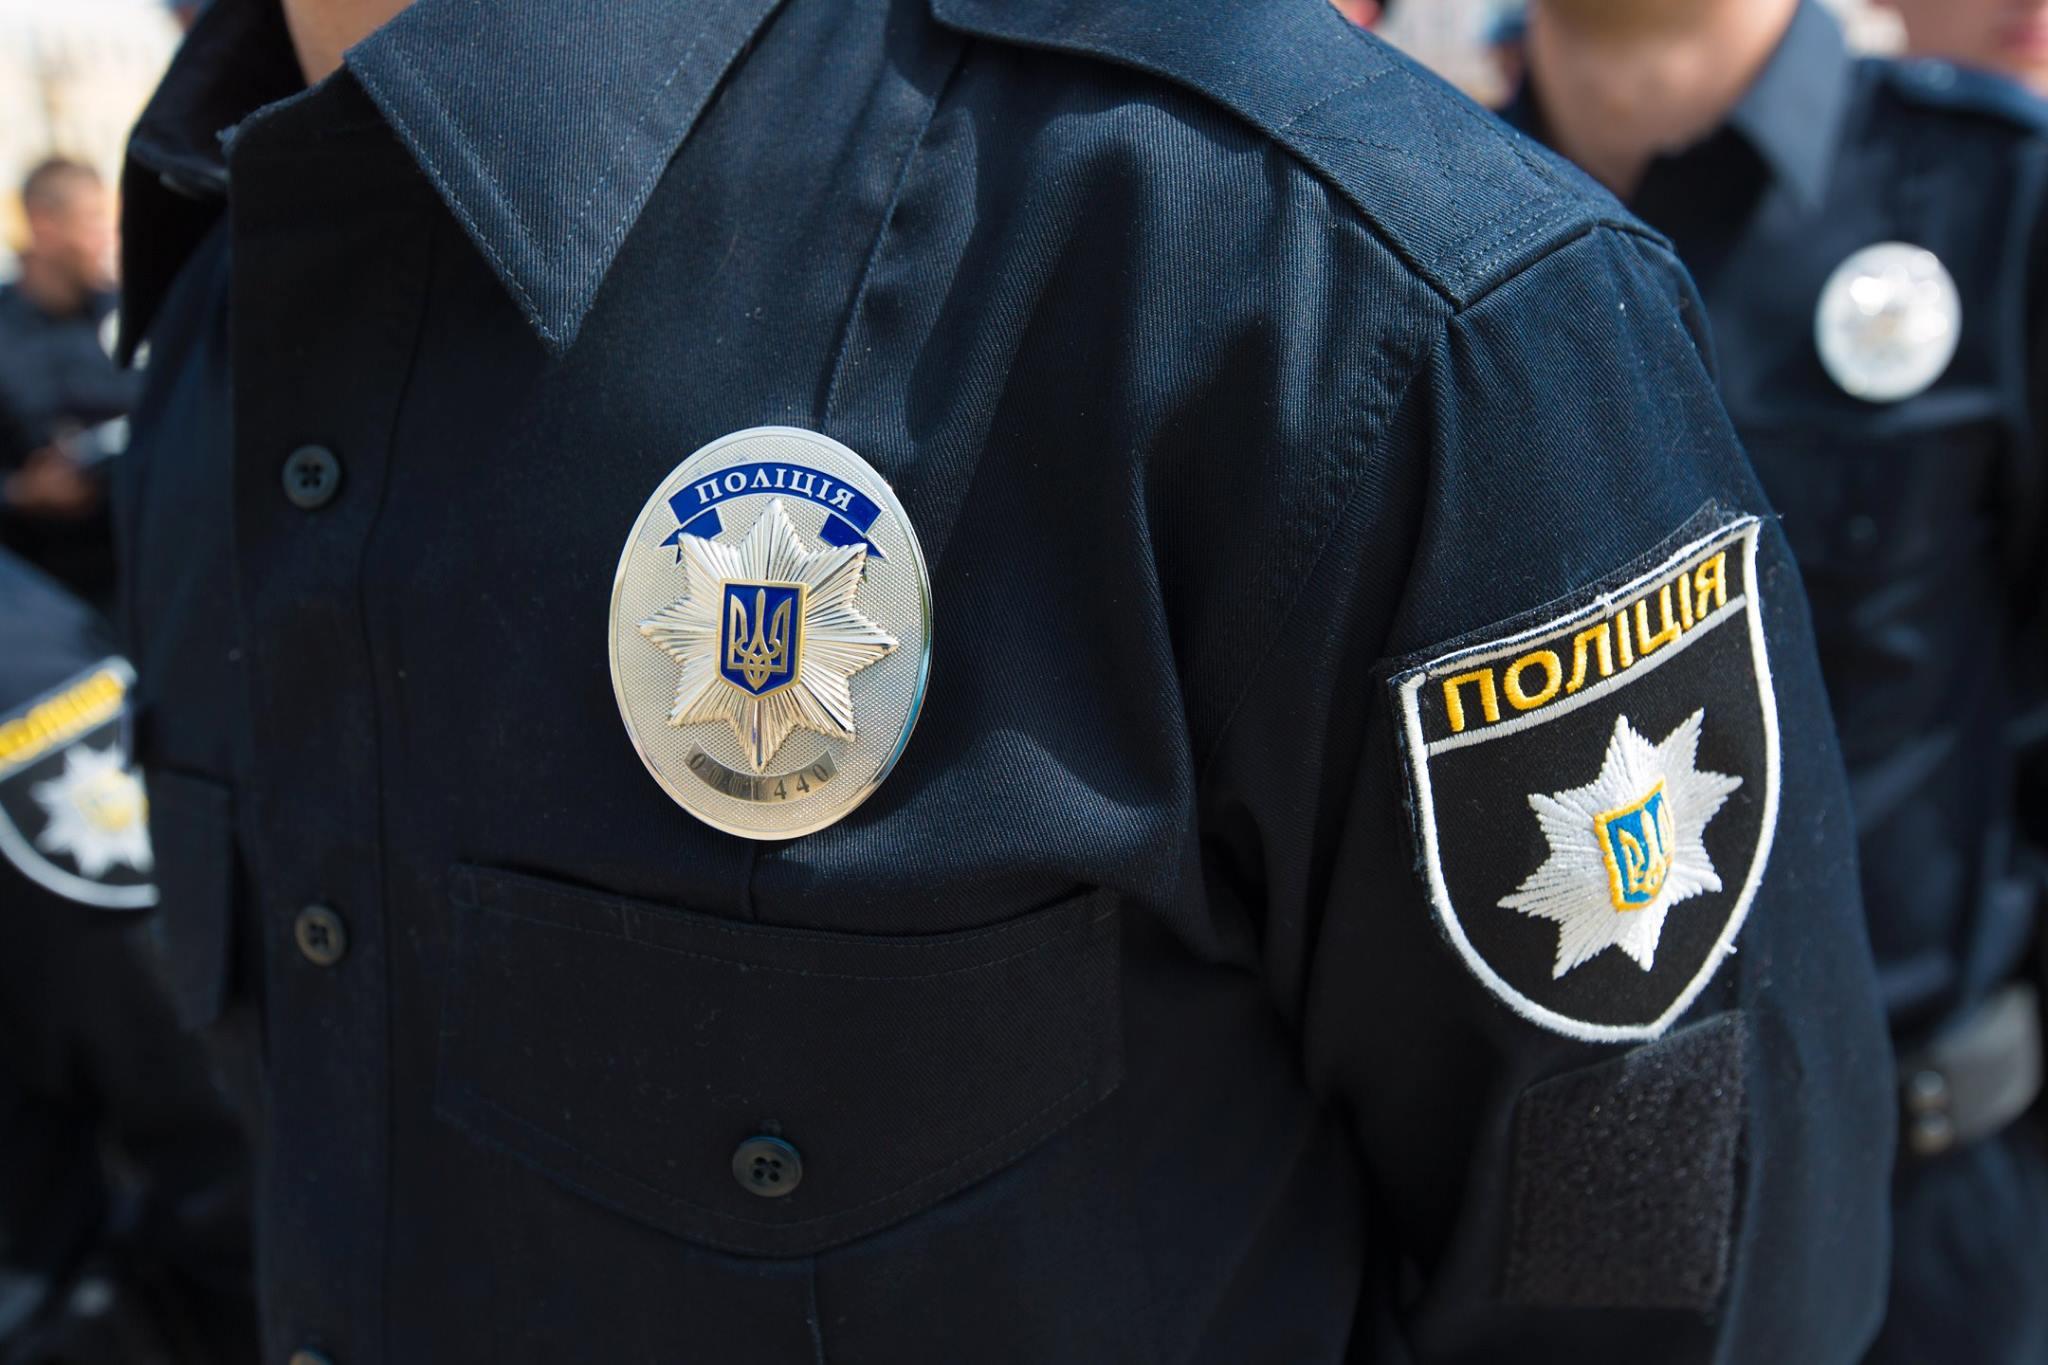 МВД: Задержаны еще двое подозреваемых в причастности к «банде из Княжичей»